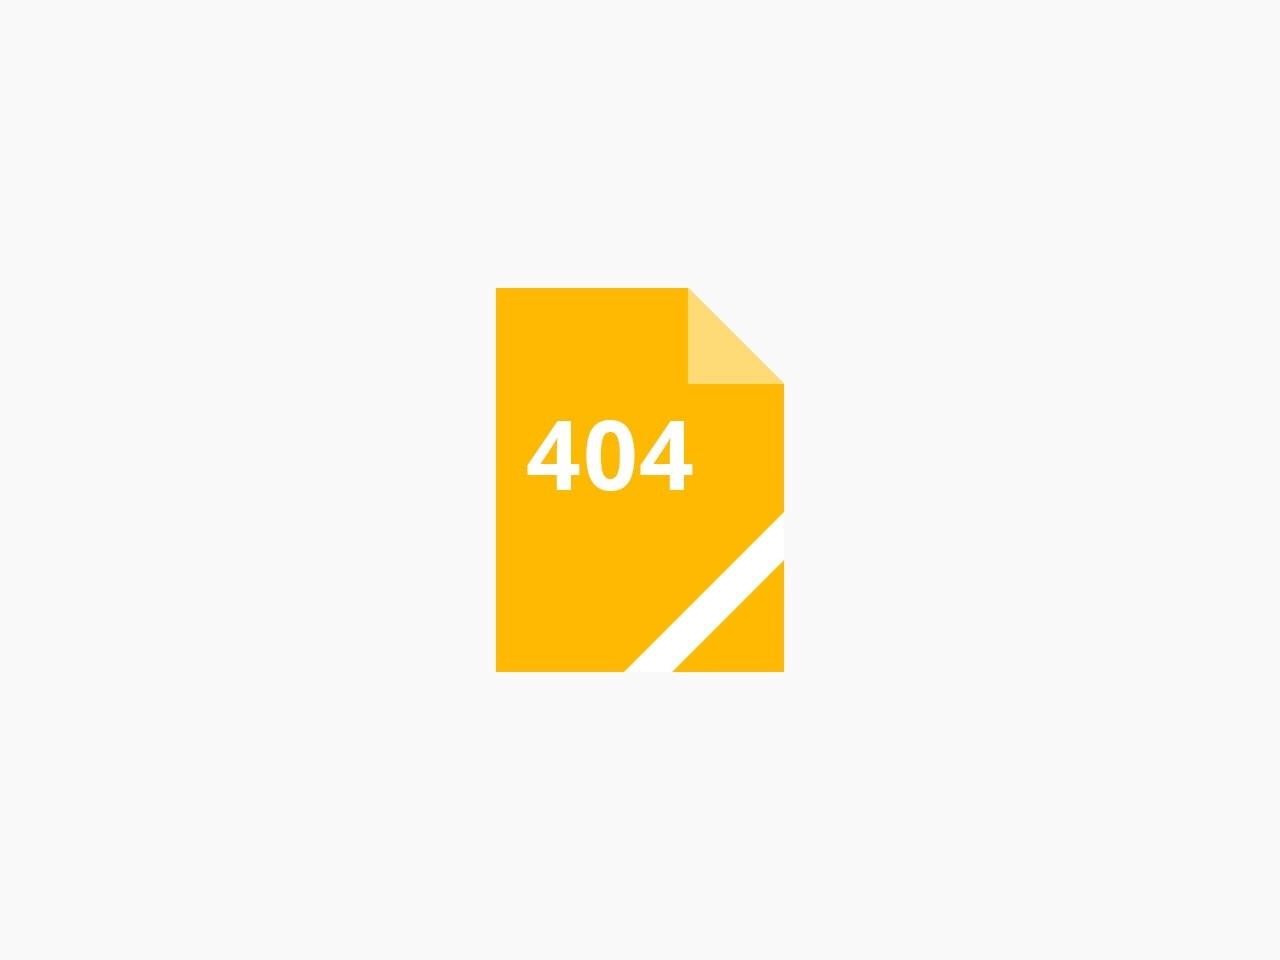 武汉市人民政府门户网站